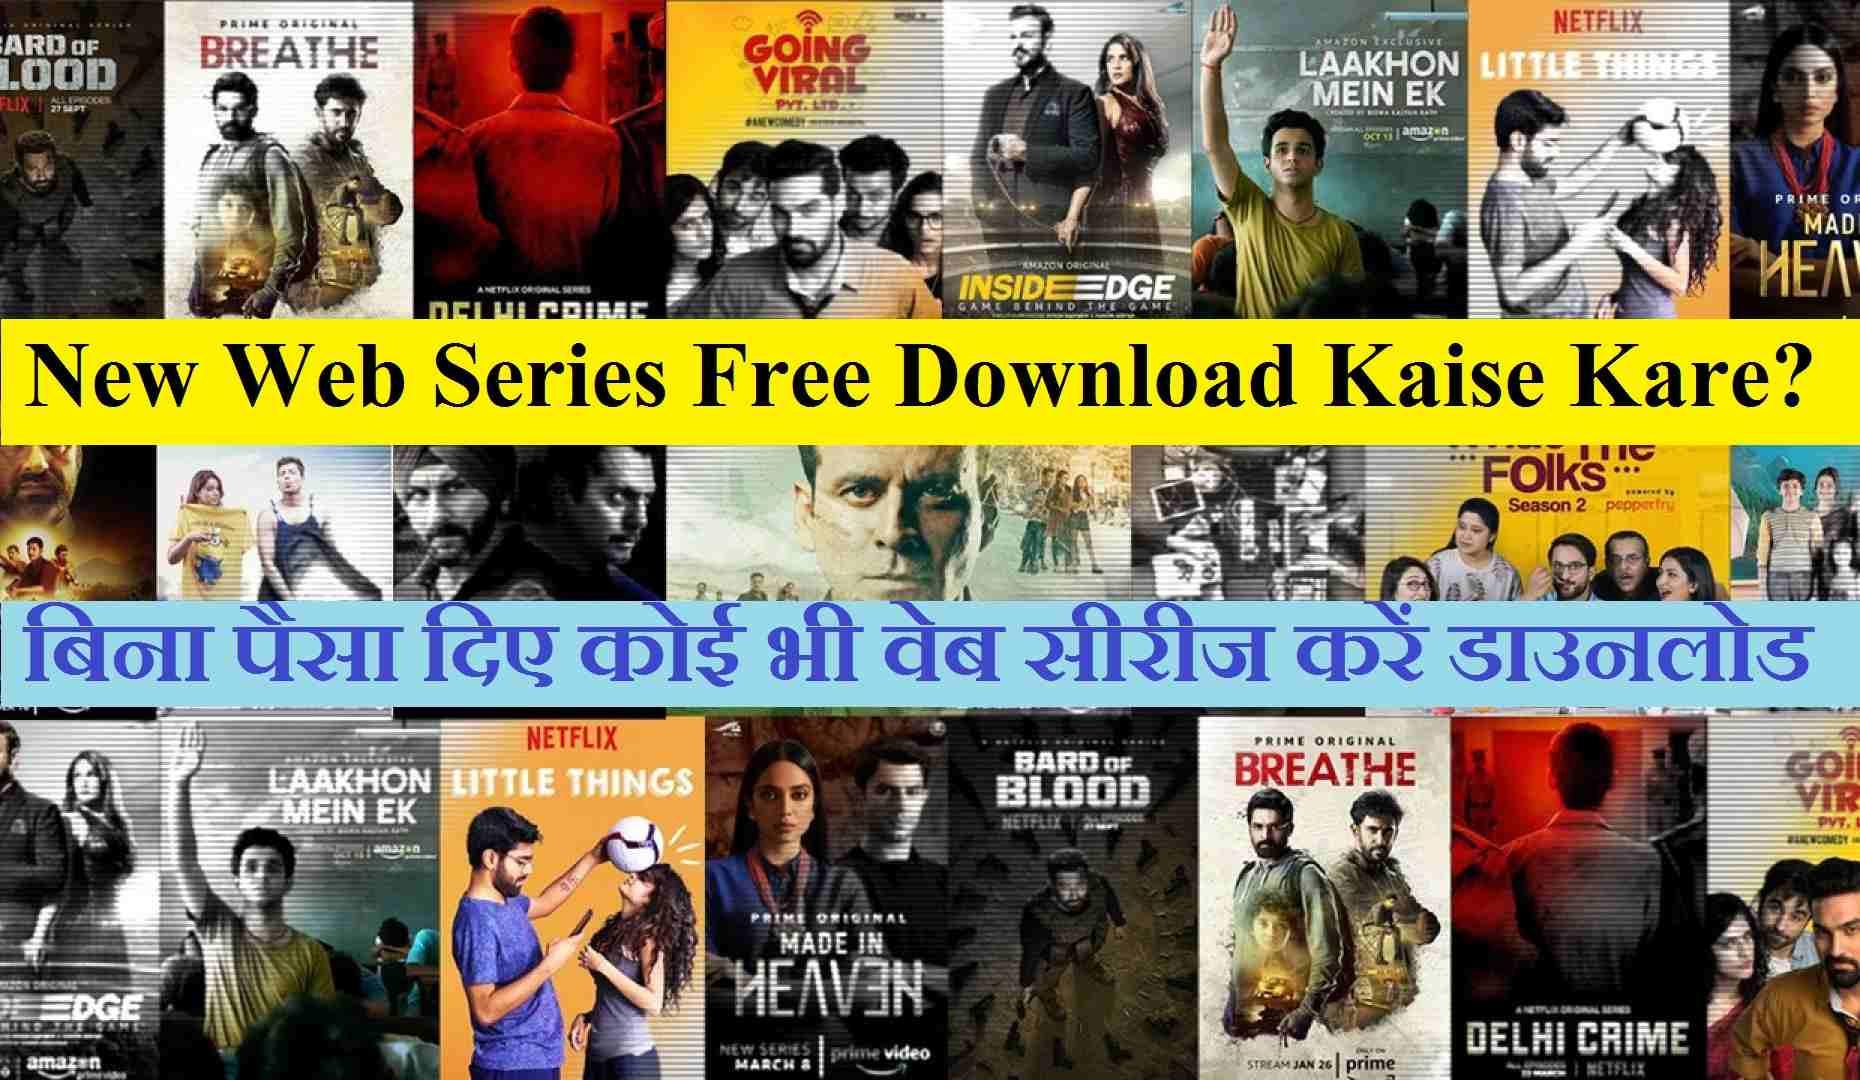 New Web Series Free Download कैसे करें? 2021 में वेब सीरीज डाउनलोड करने का आसान तरीका हिंदी में